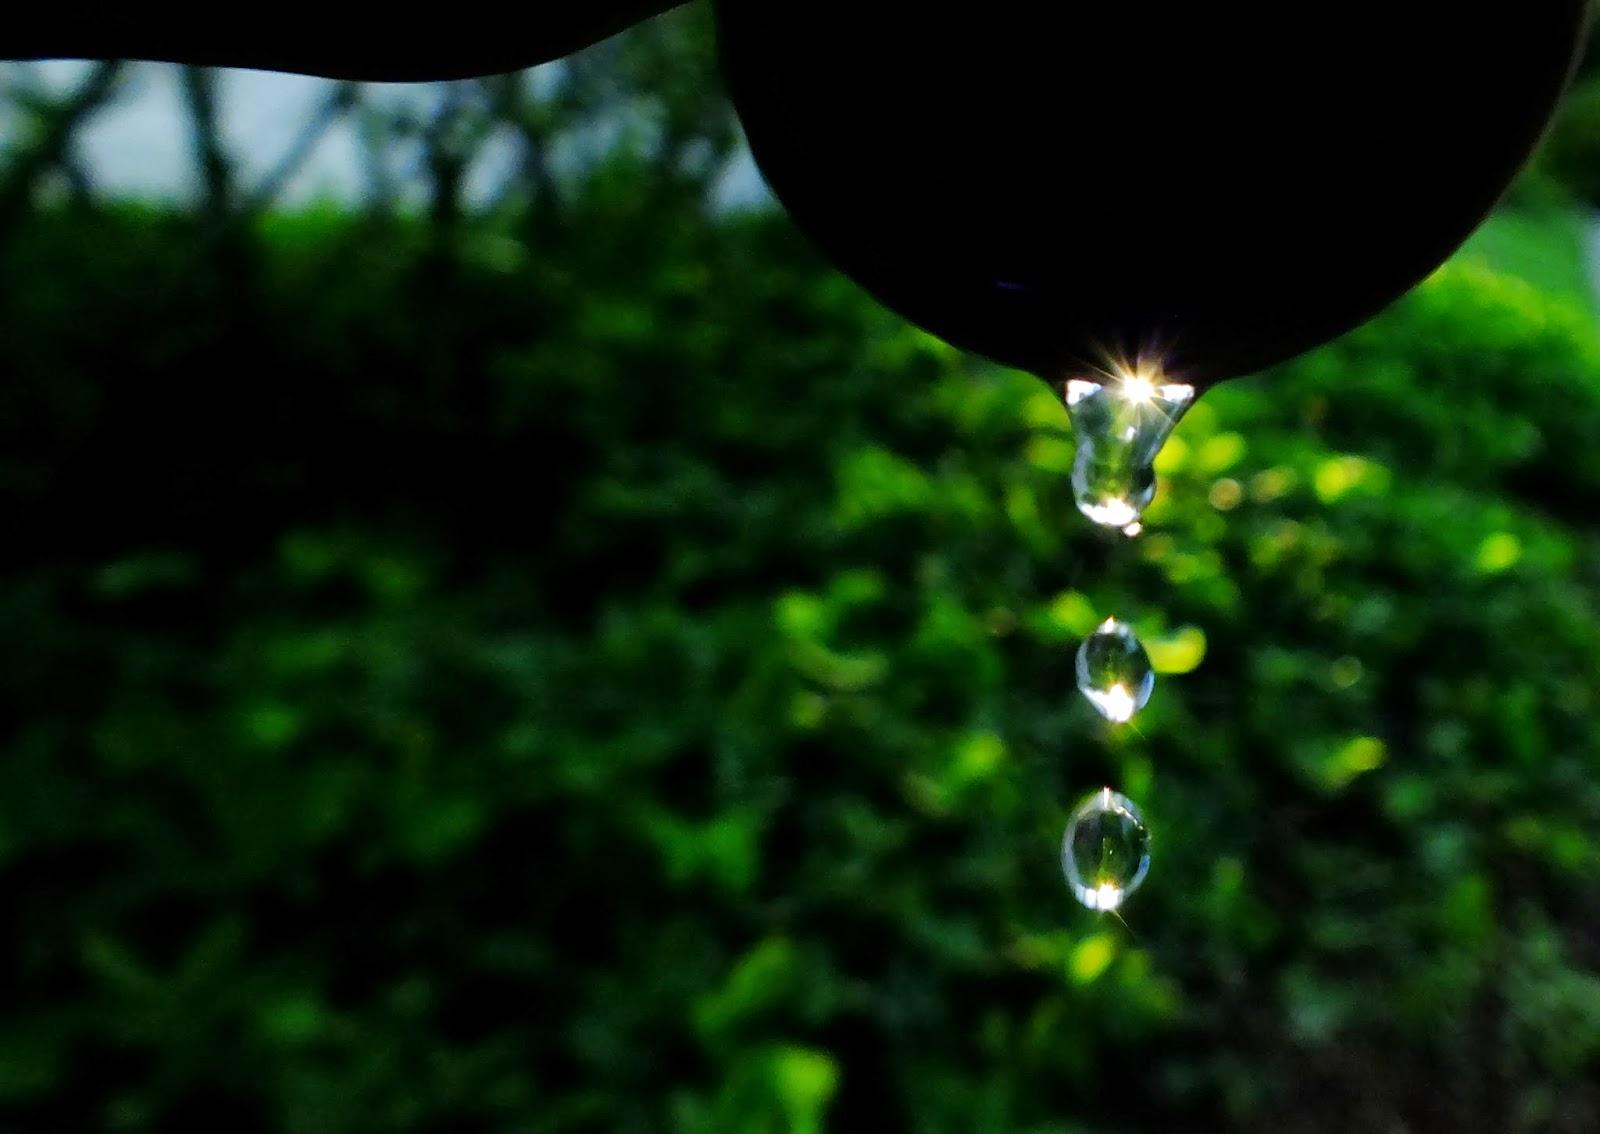 http://aprendendocomasimagens.blogspot.com/2013/11/o-luminar-da-existencial - Indícios eruditos que revelam a existência de cada ser, destilando com a resplandecência o pranto de cada vivência. Que faz transparecer uma jornada para uma nova vida na luz que fortalece, conforta e encanta cada aparência, que com pinceladas nos revela um relevo de cada eclosão da vida. Que deslumbra toda simplicidade captada aos olhos que enxergam a essência da alma...